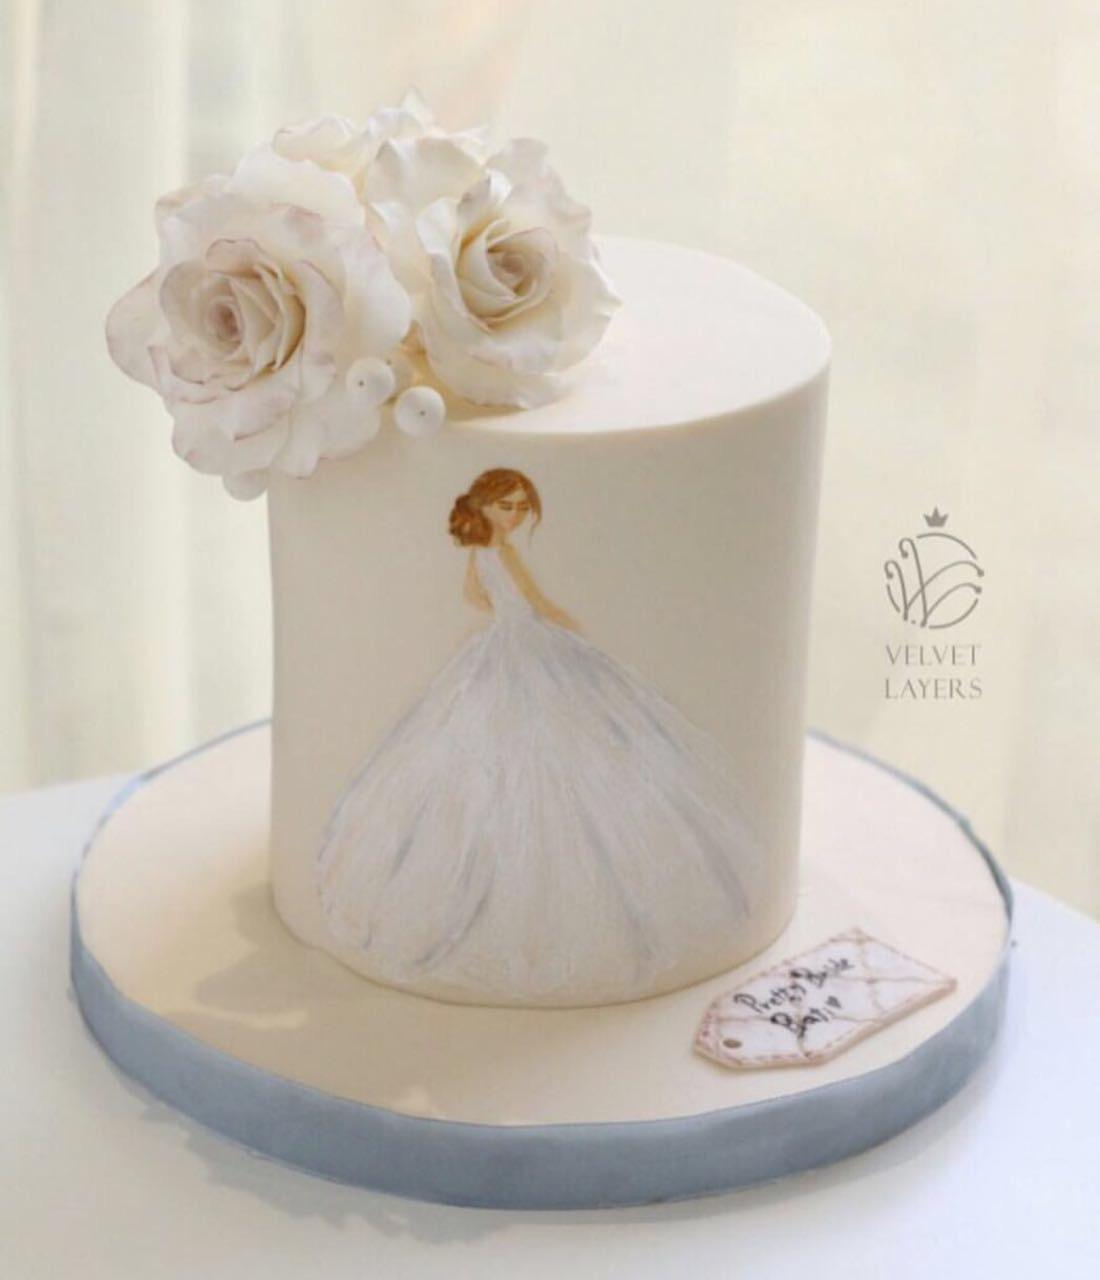 Ivory hand painted wedding dress cake